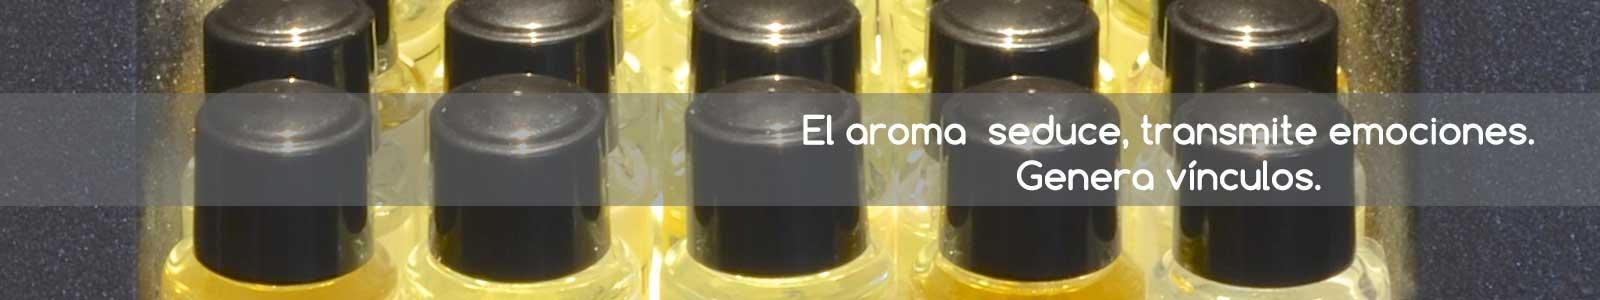 Aromas_aroma